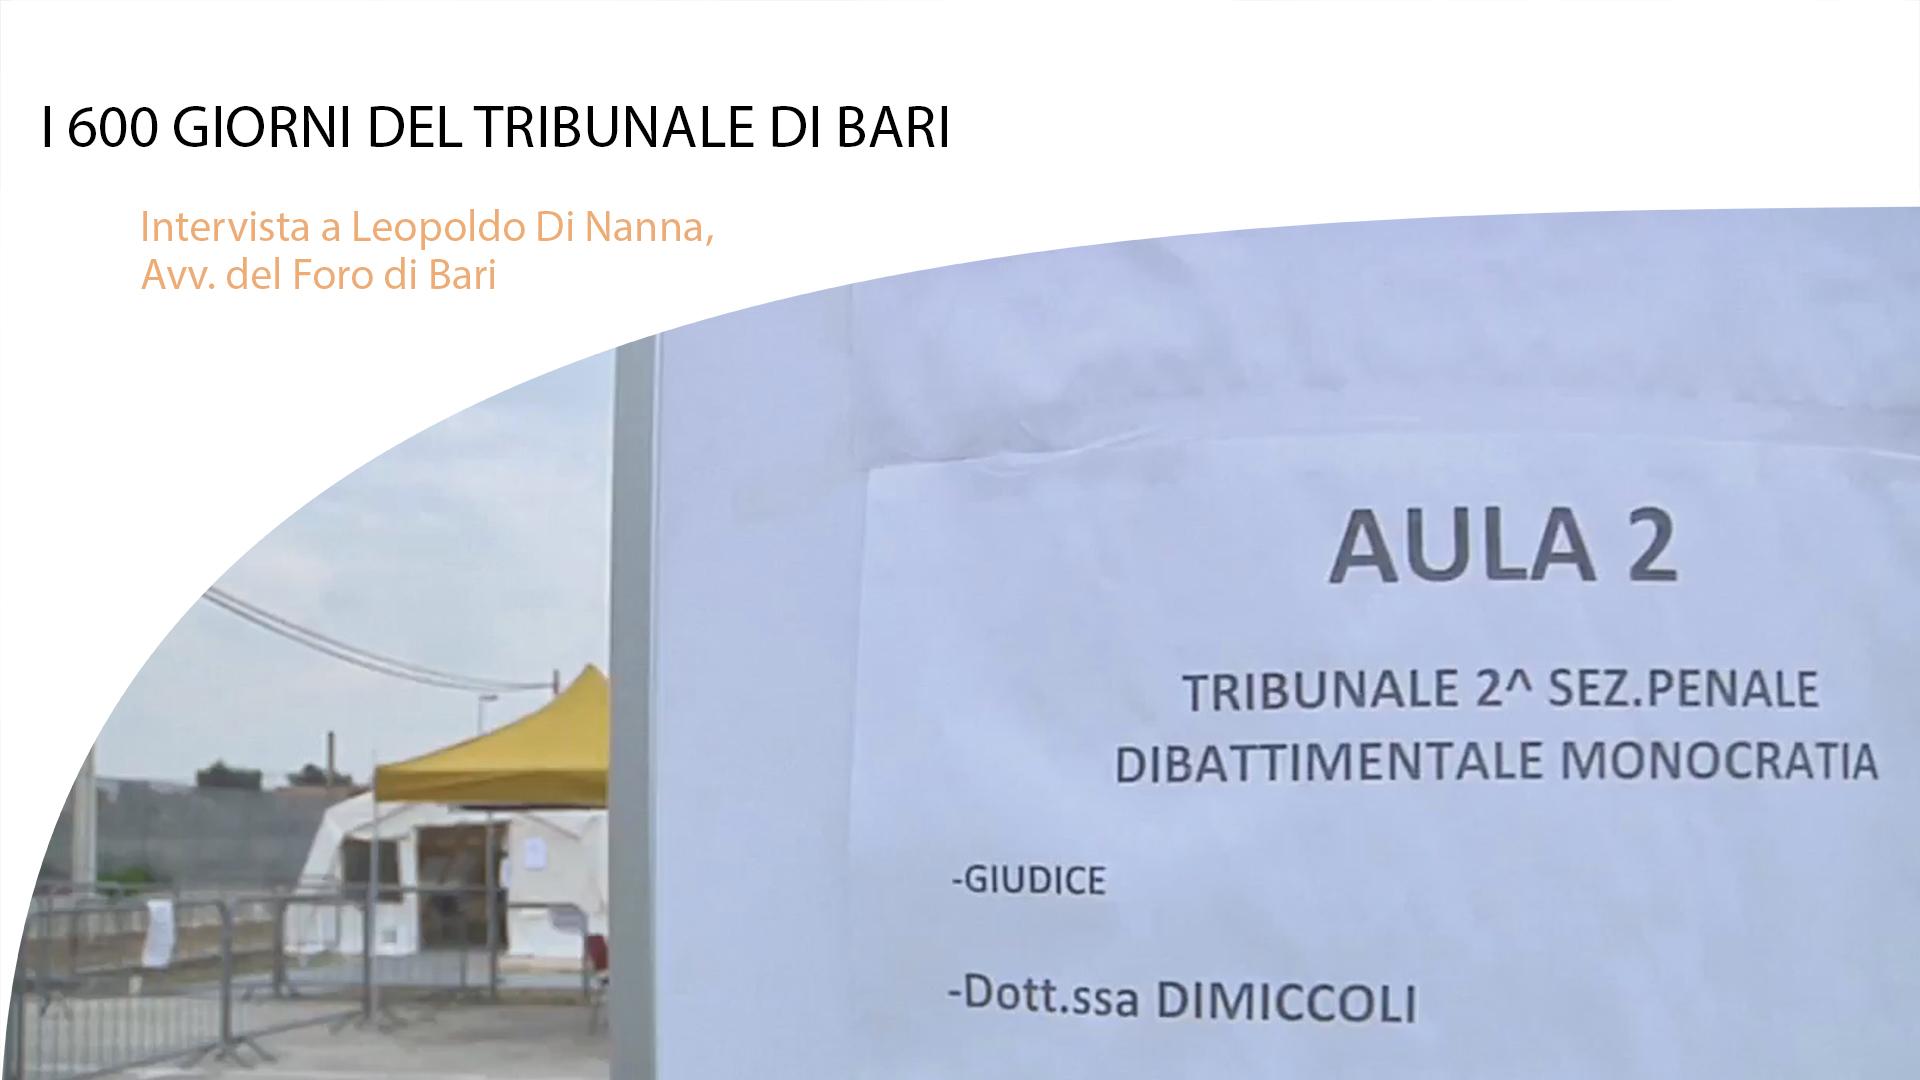 I 600 GIORNI DEL TRIBUNALE DI BARI